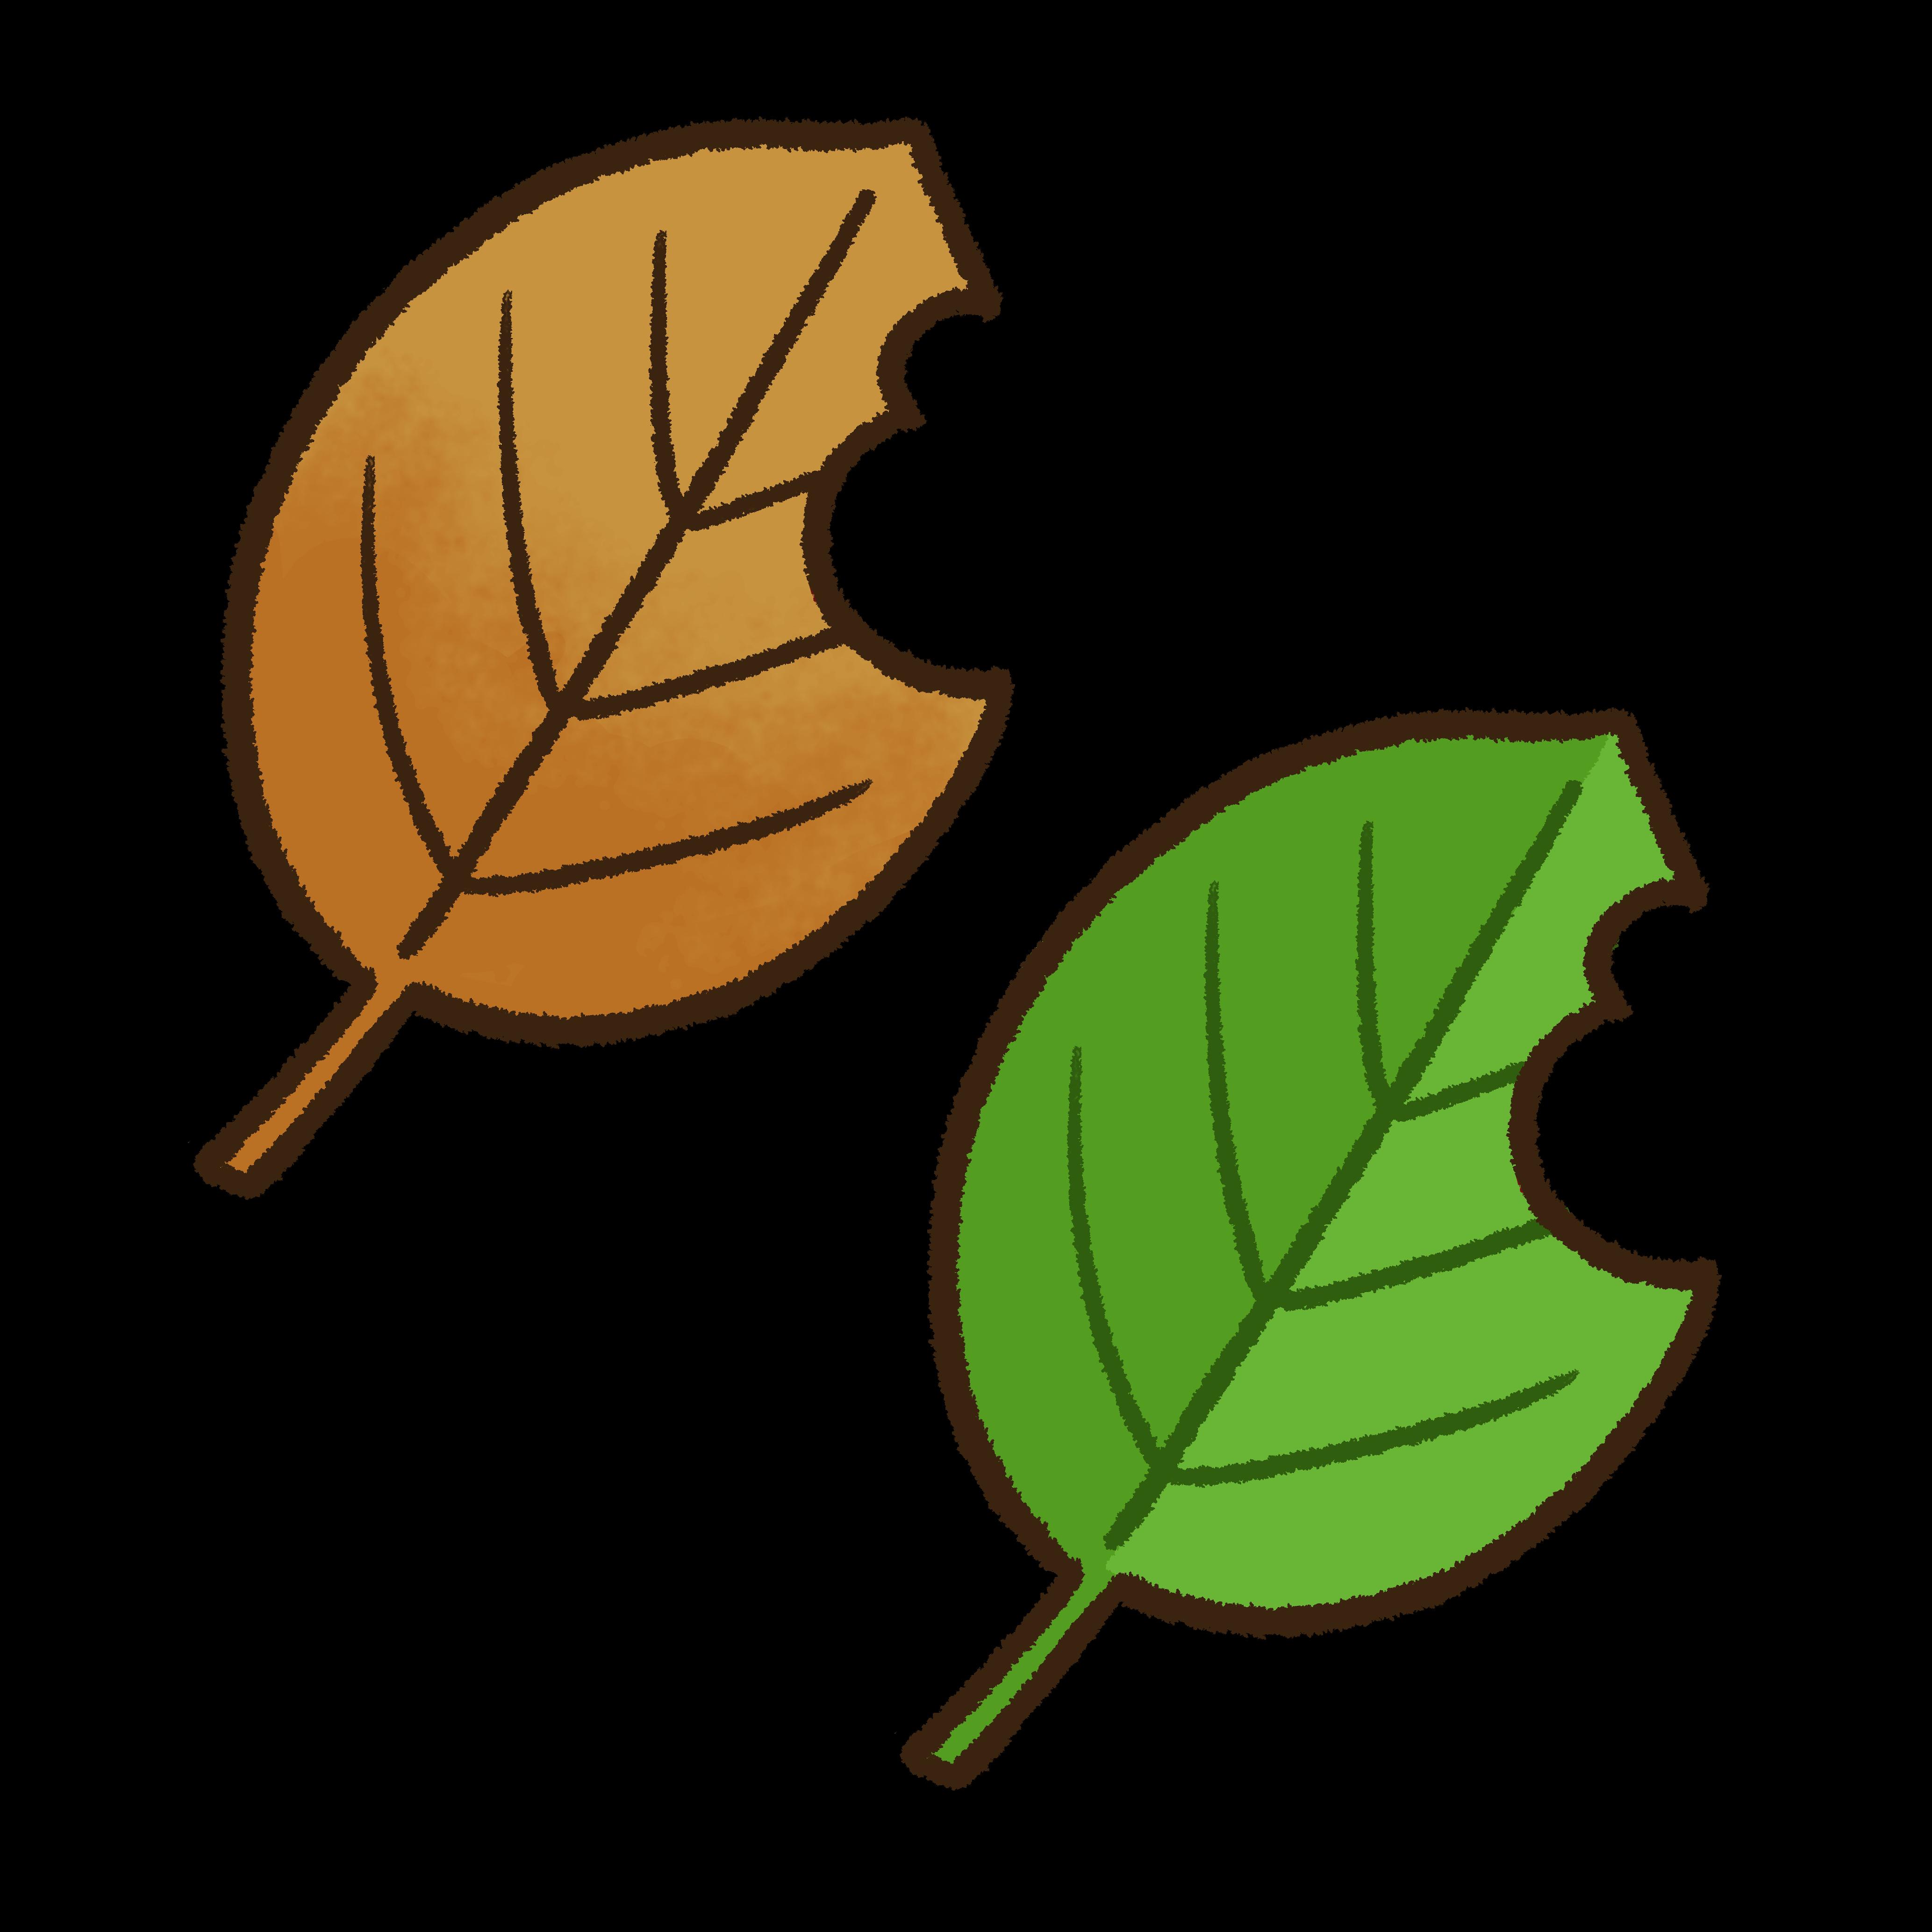 虫食いのある葉っぱ